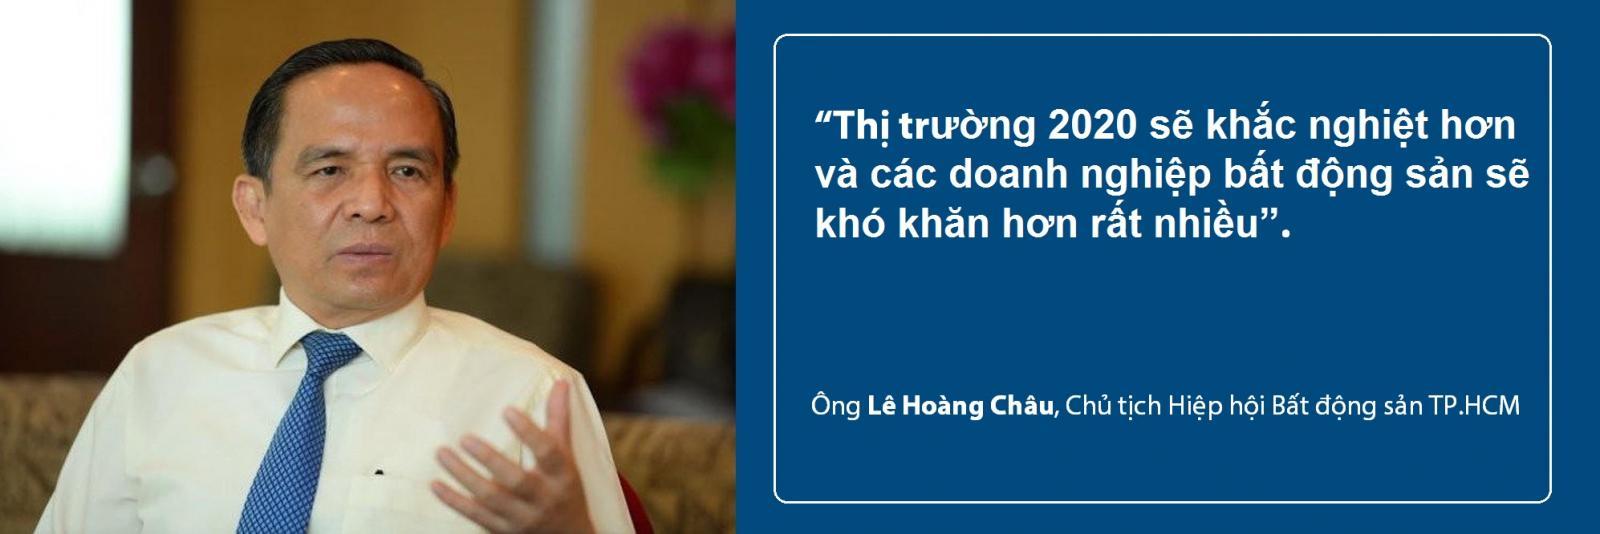 Ông Lê Hoàng Châu nhận định về thị trường bất động sản năm 2020